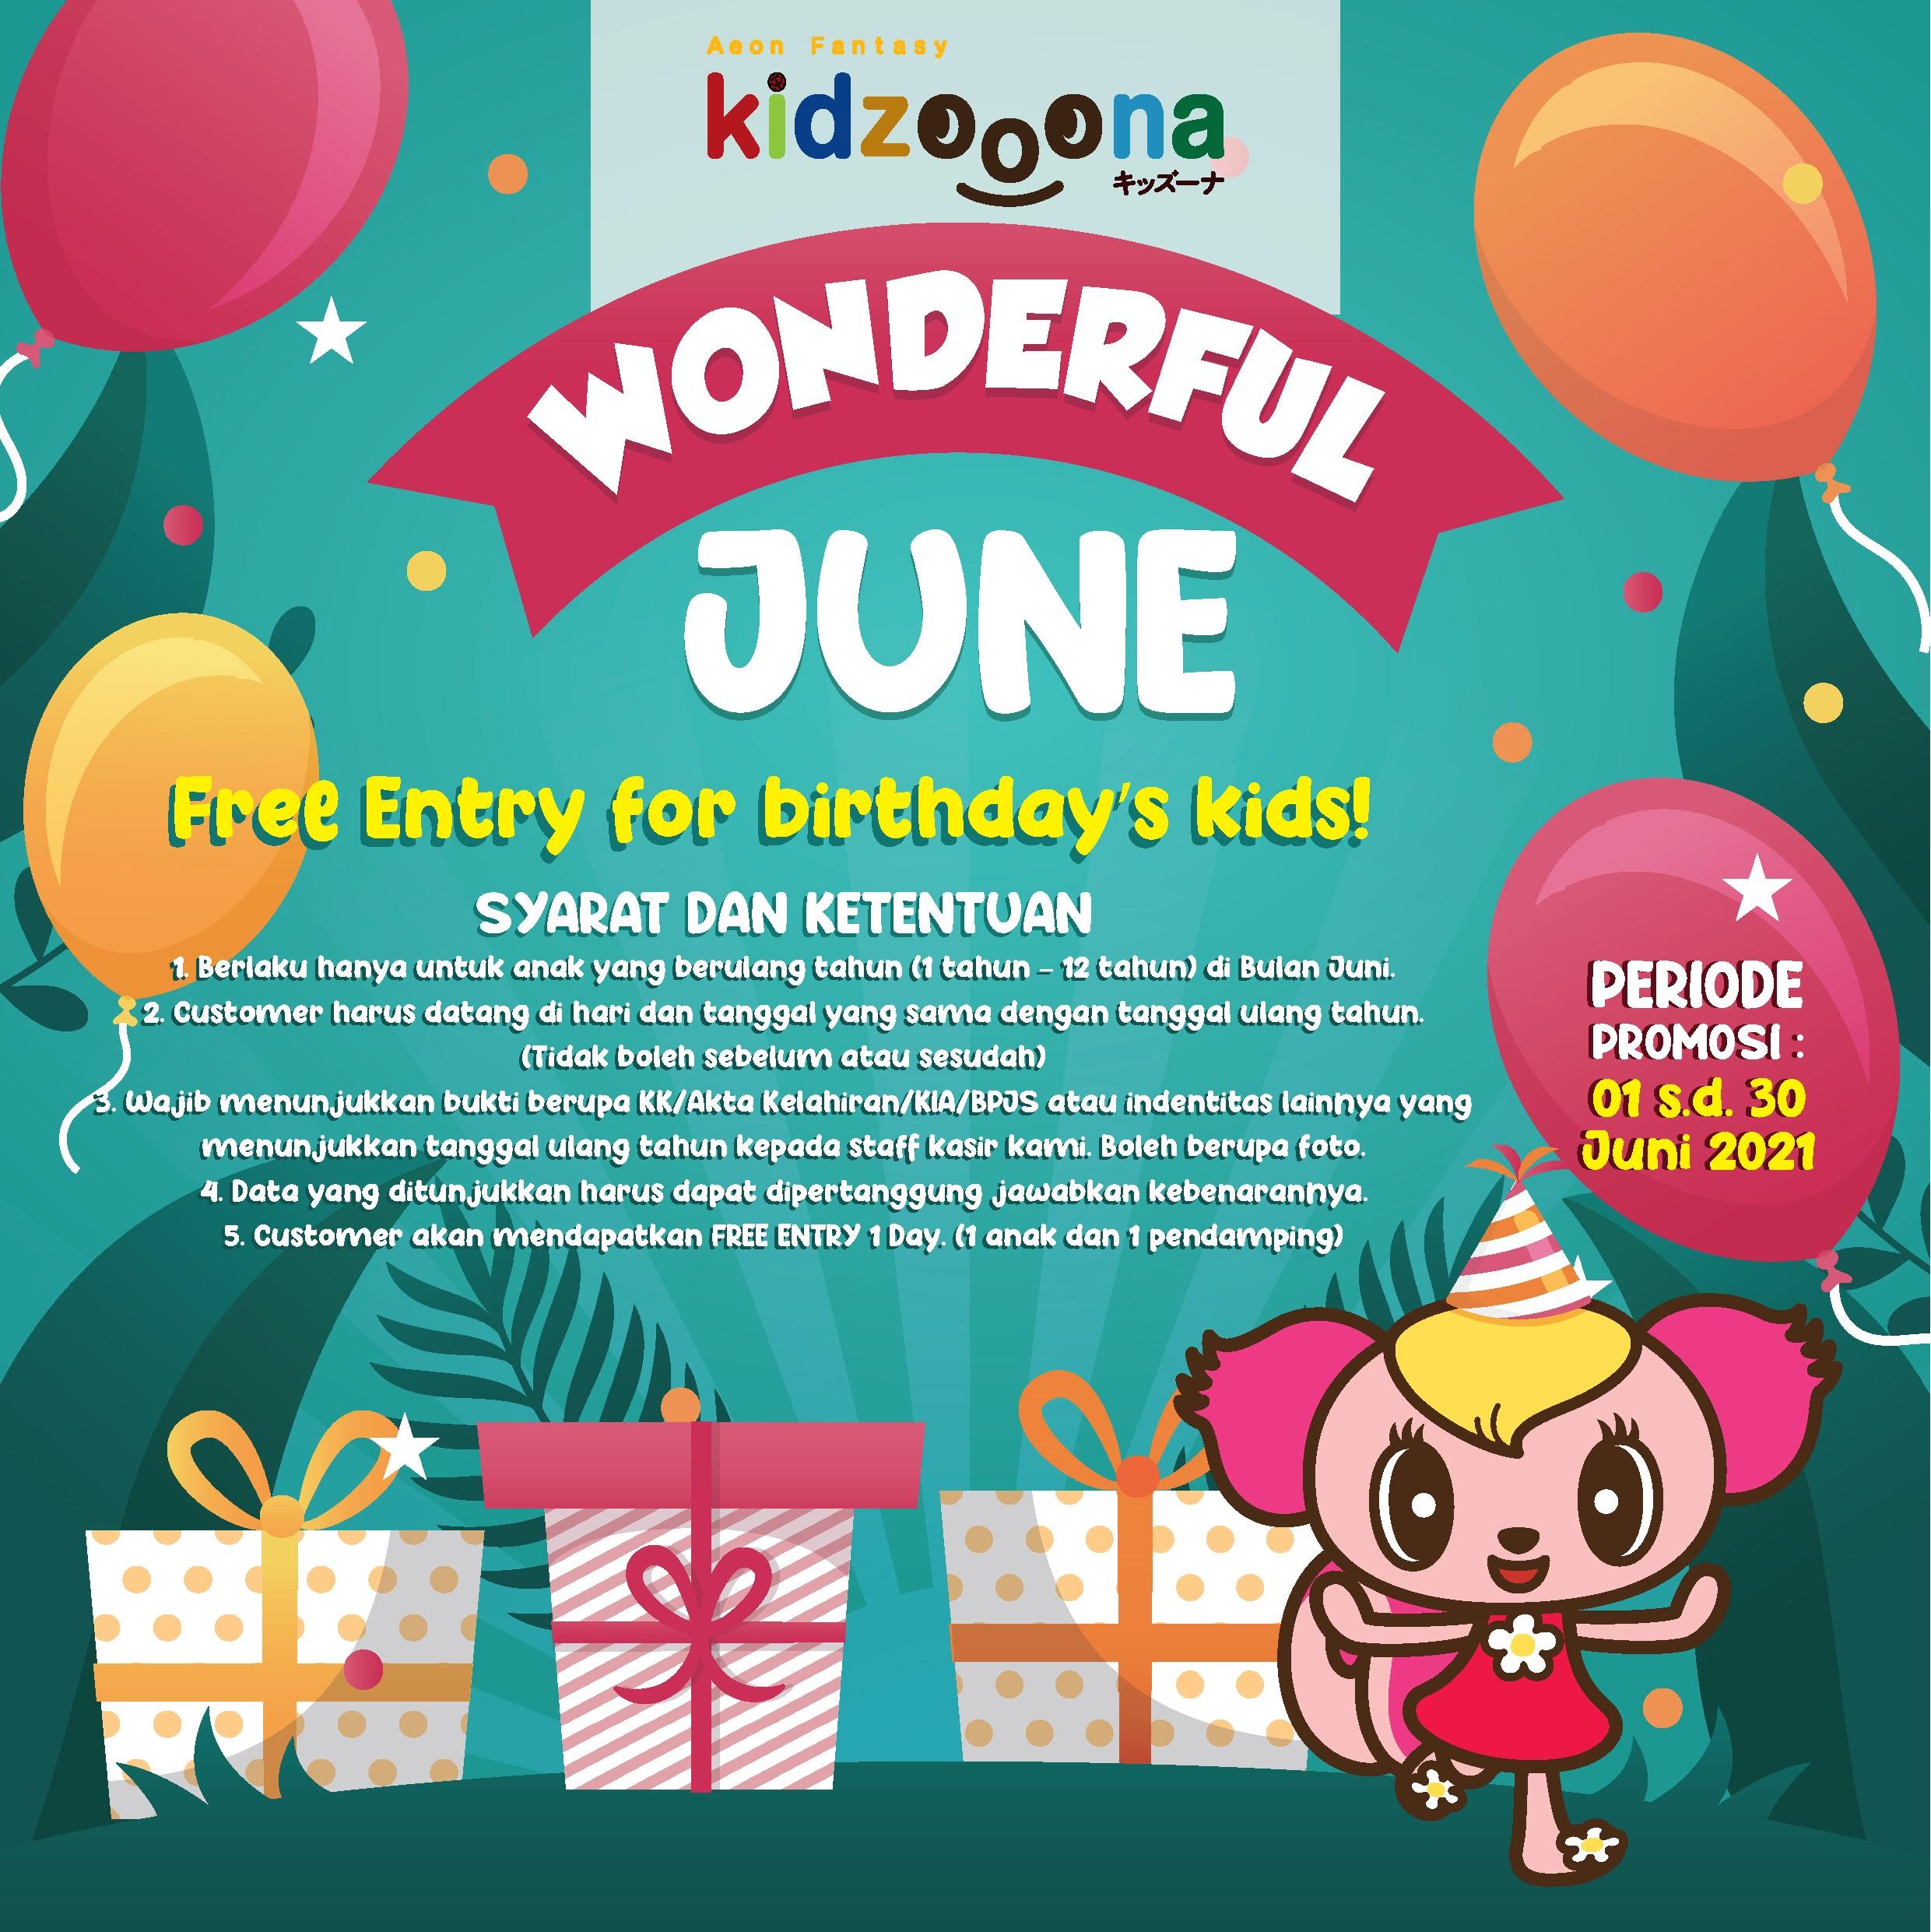 Gratis Bermain Pada Hari Ulang Tahun di kidzooona!